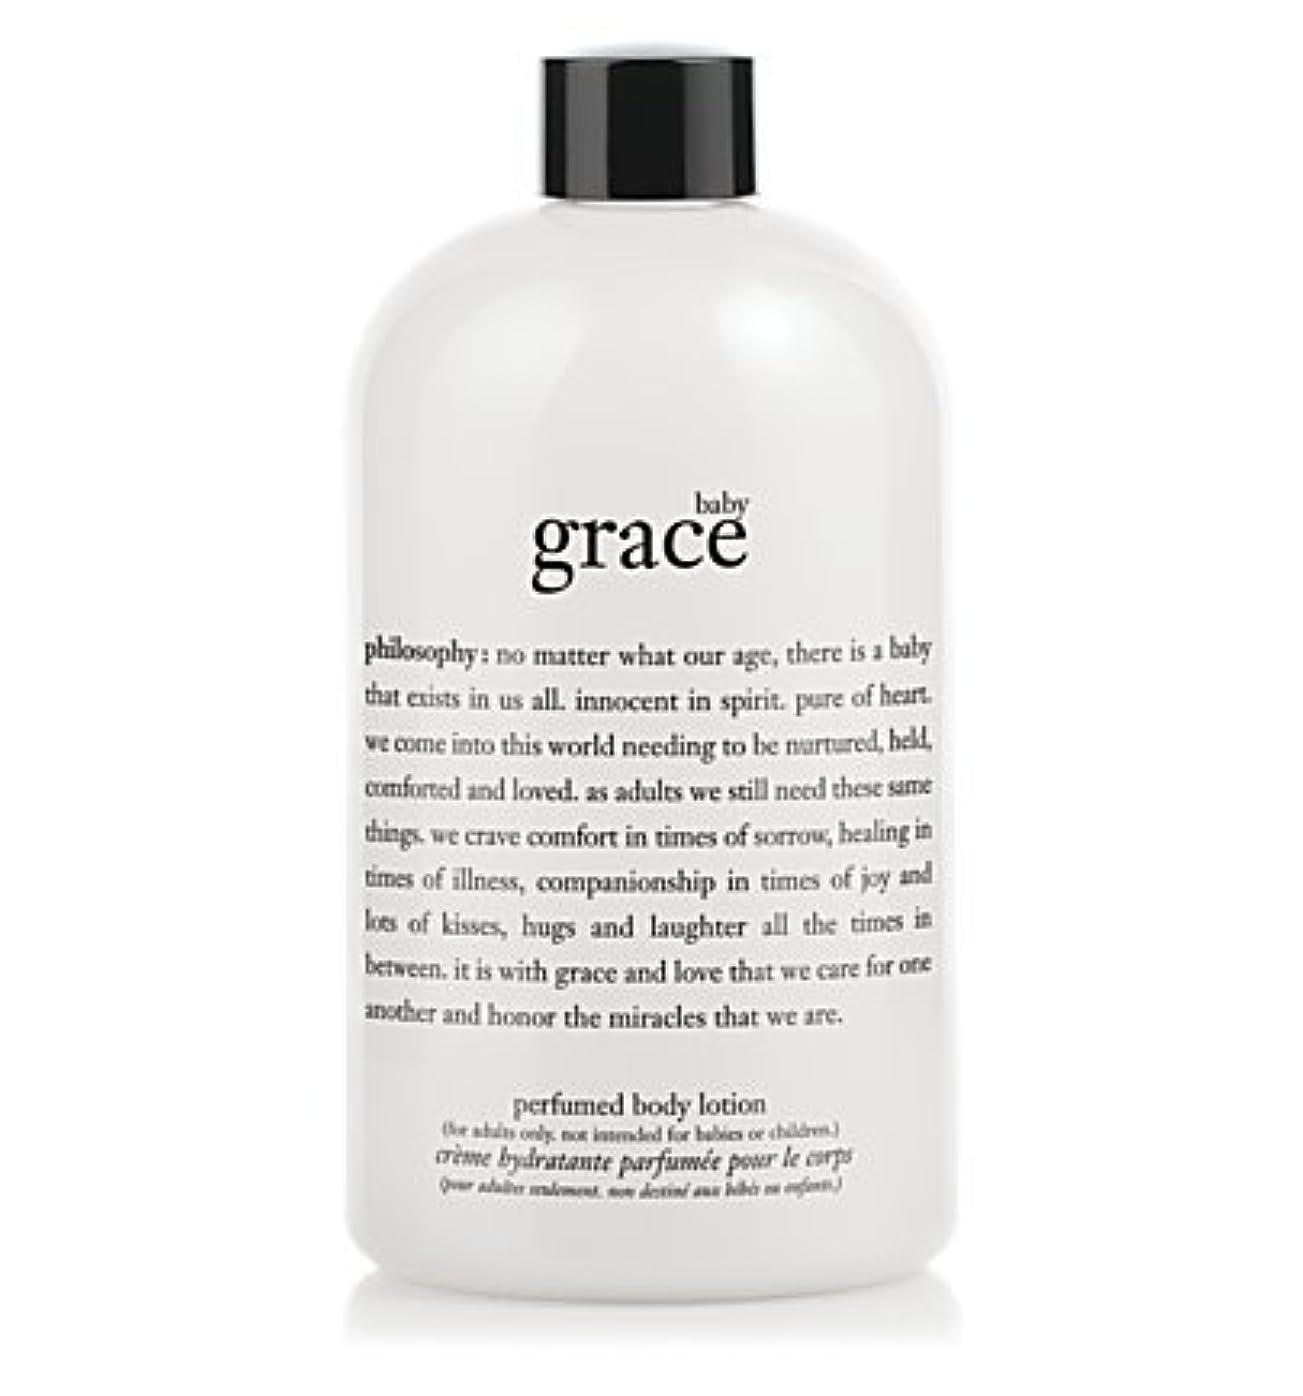 市長母音お勧めbaby grace (ベビーグレイス ) 16.0 oz (480 ml) perfumed body lotion for Women